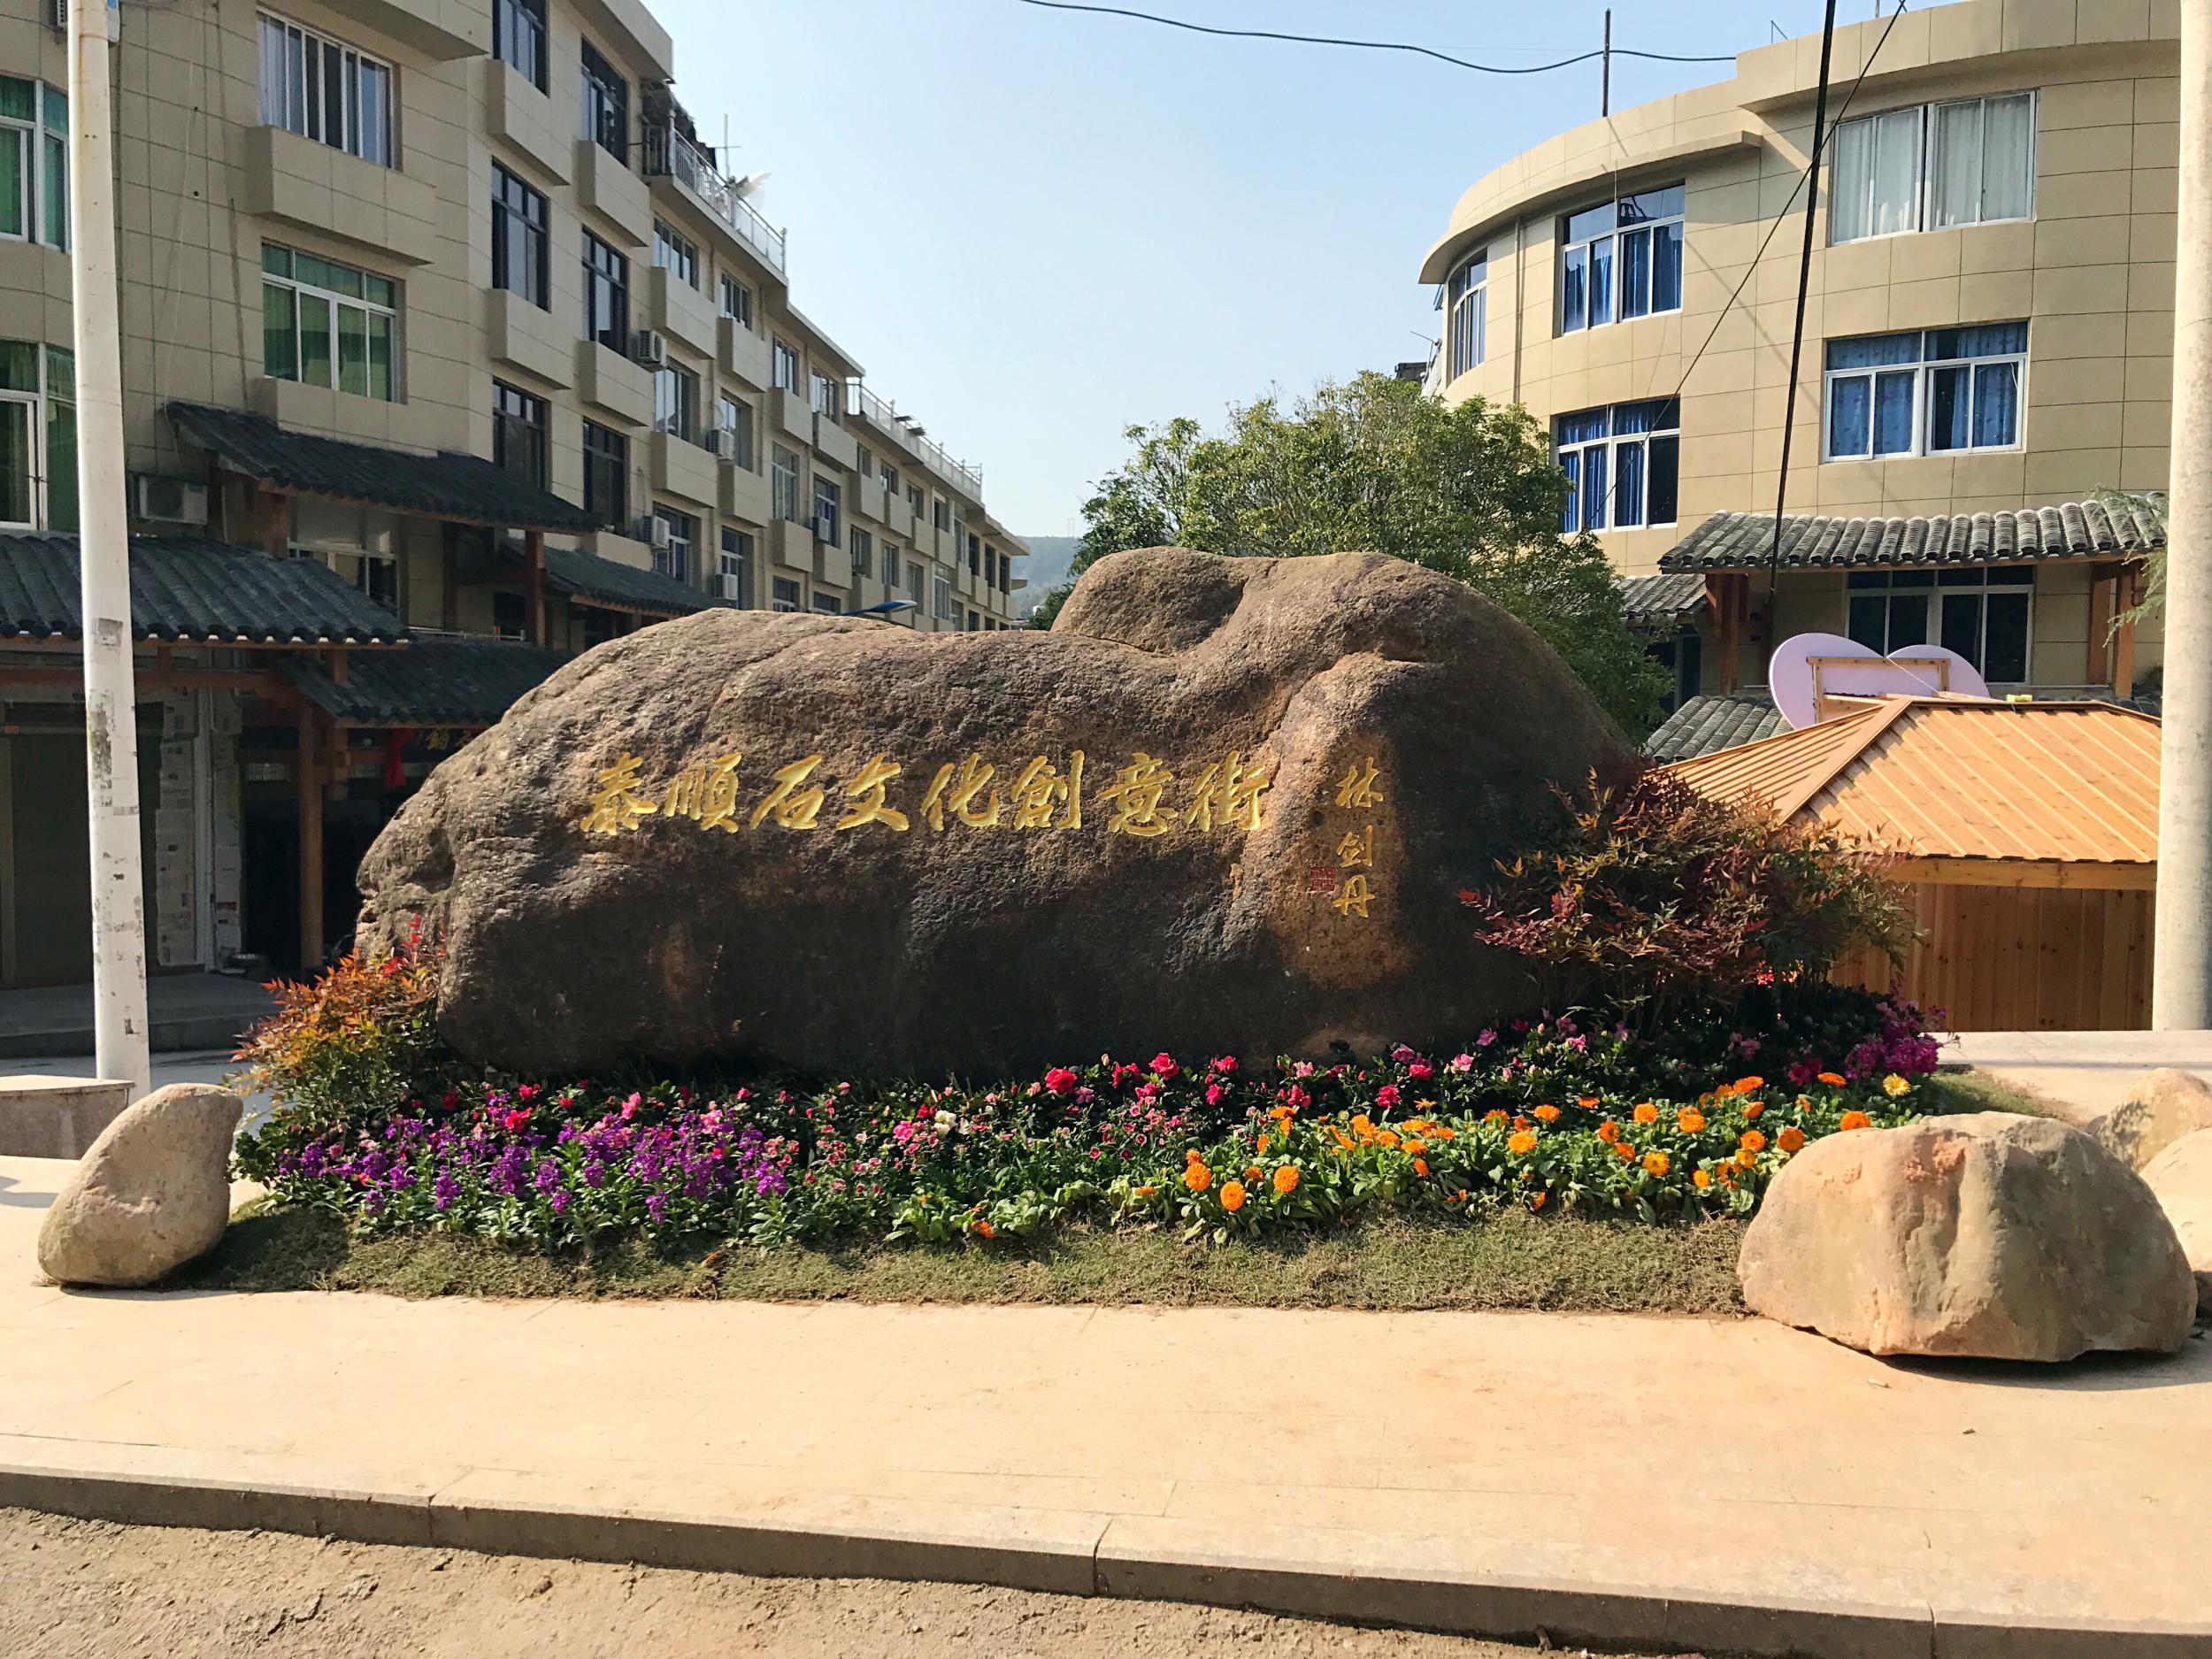 珍宝级泰顺原石将亮相 2017泰顺石文化旅游节今日开幕